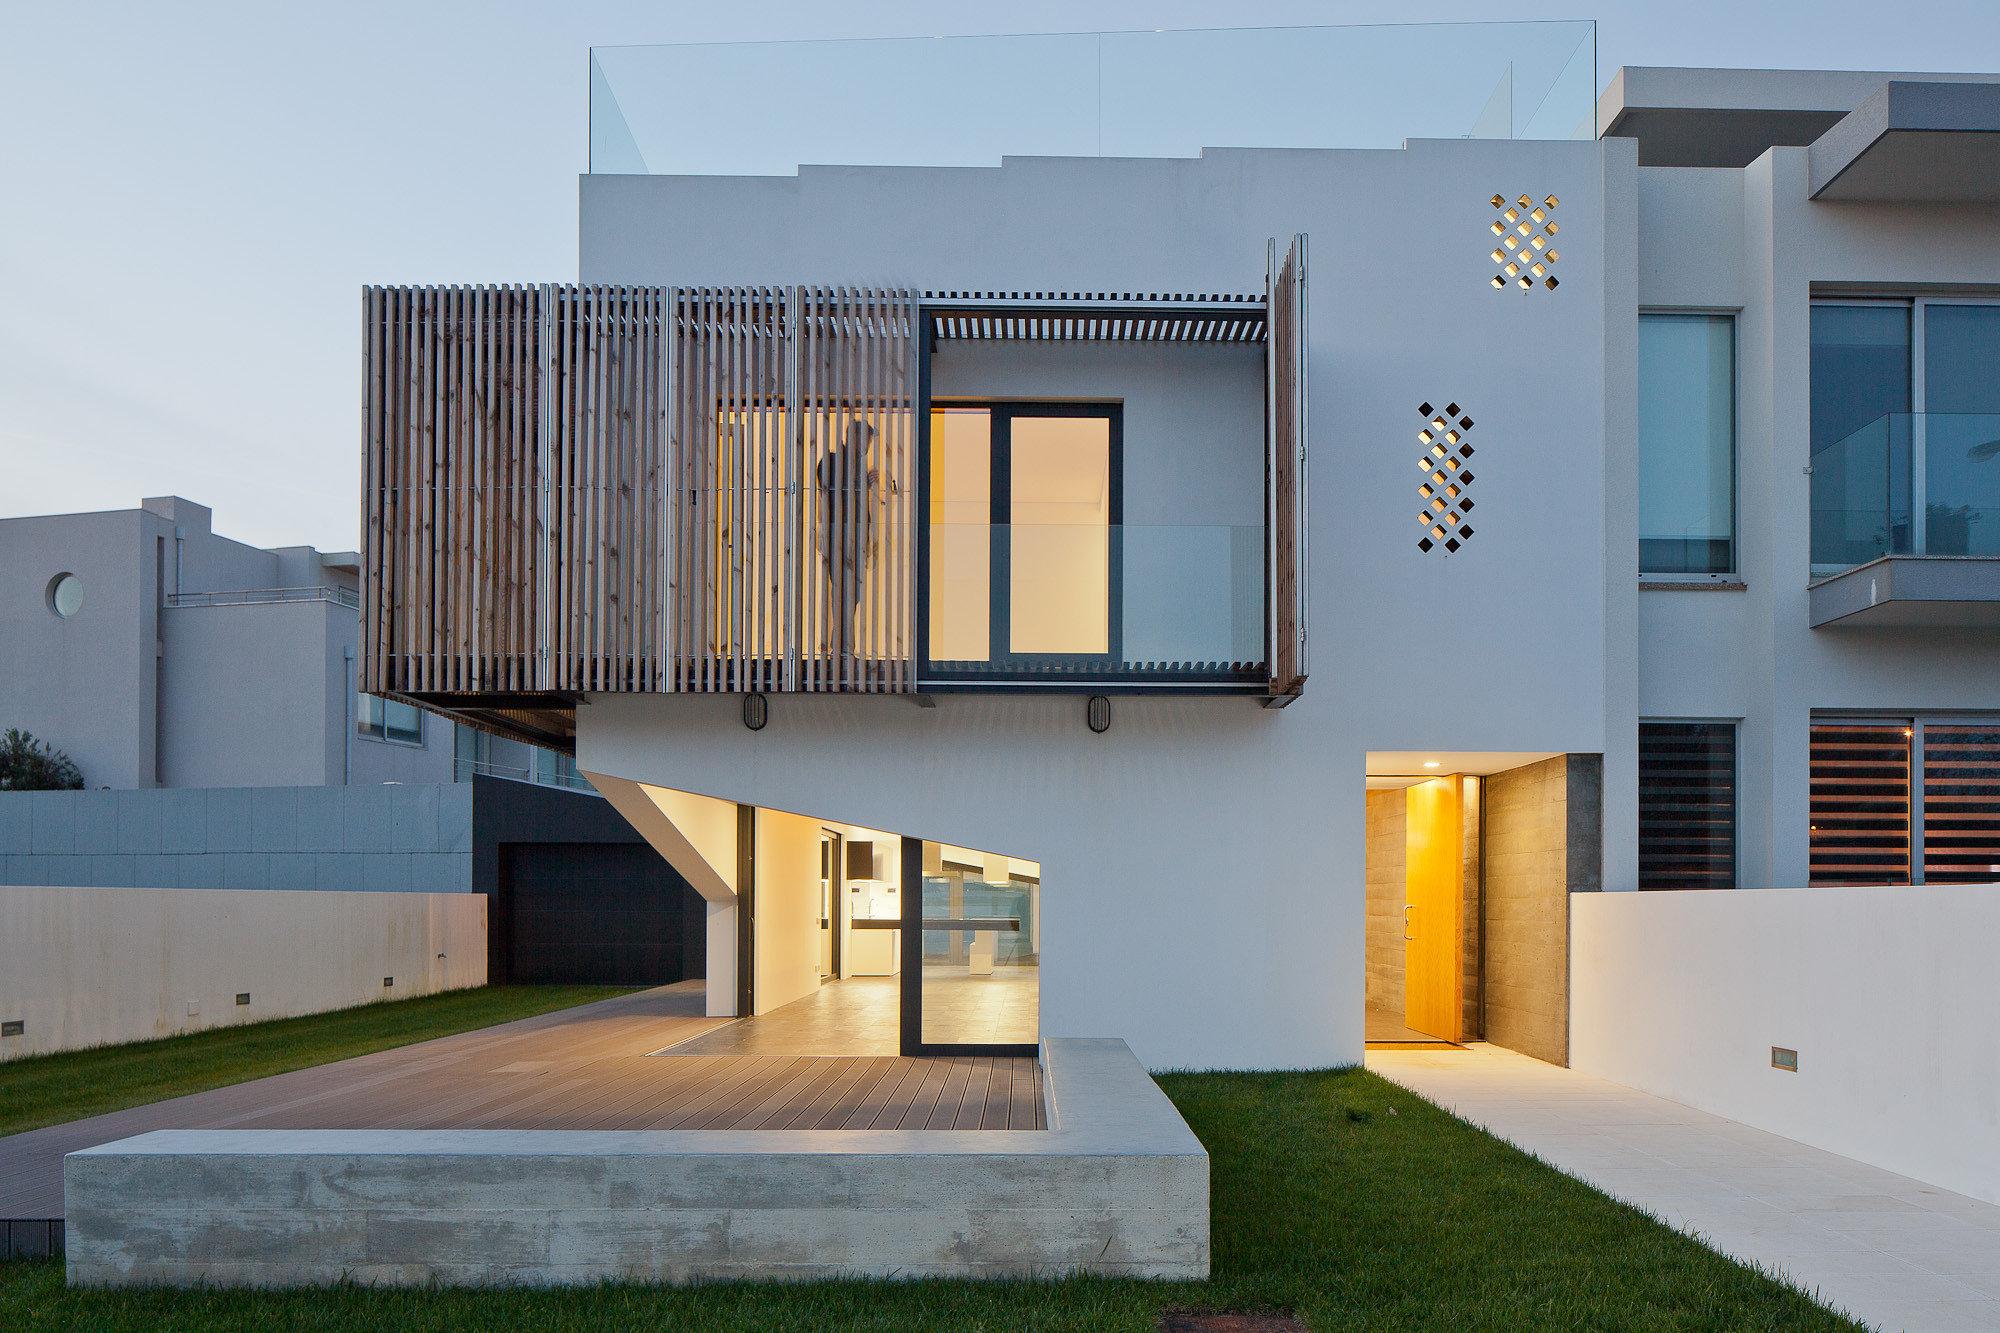 Vivienda en miramar e 348 arquitectura plataforma - Fachadas arquitectura ...